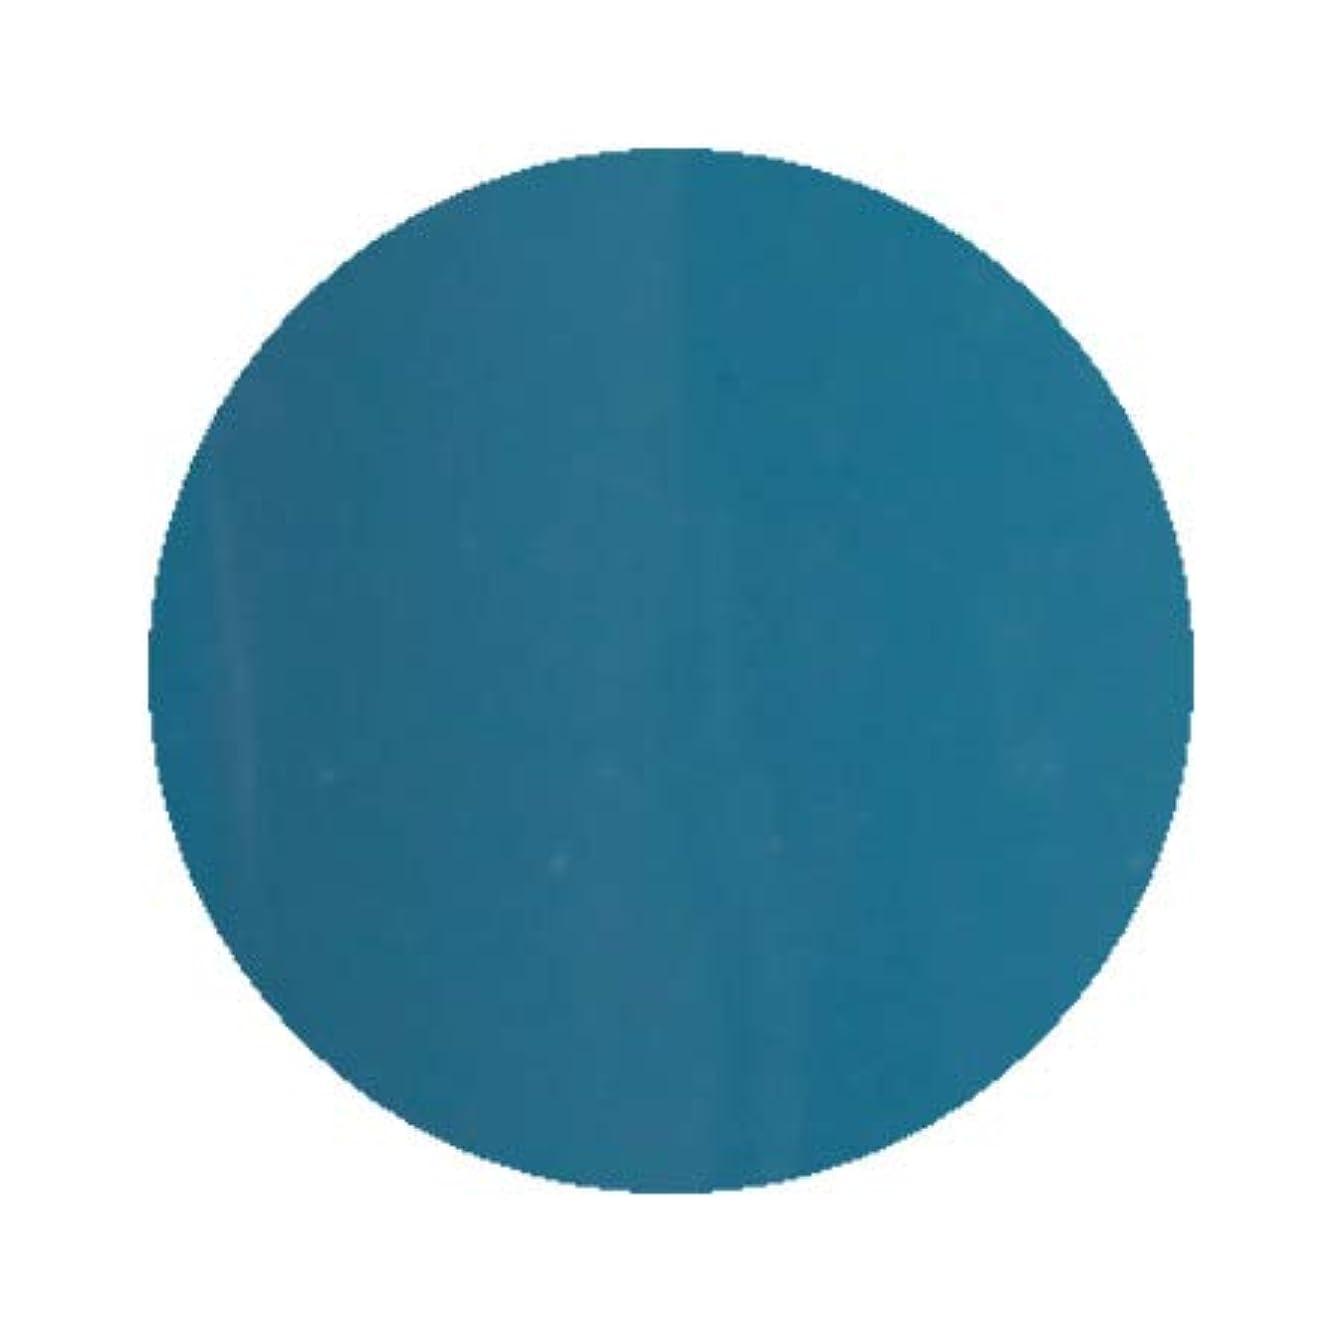 オピエート硫黄コンセンサスInity アイニティ ハイエンドカラー BL-05M ティールブルー 3g